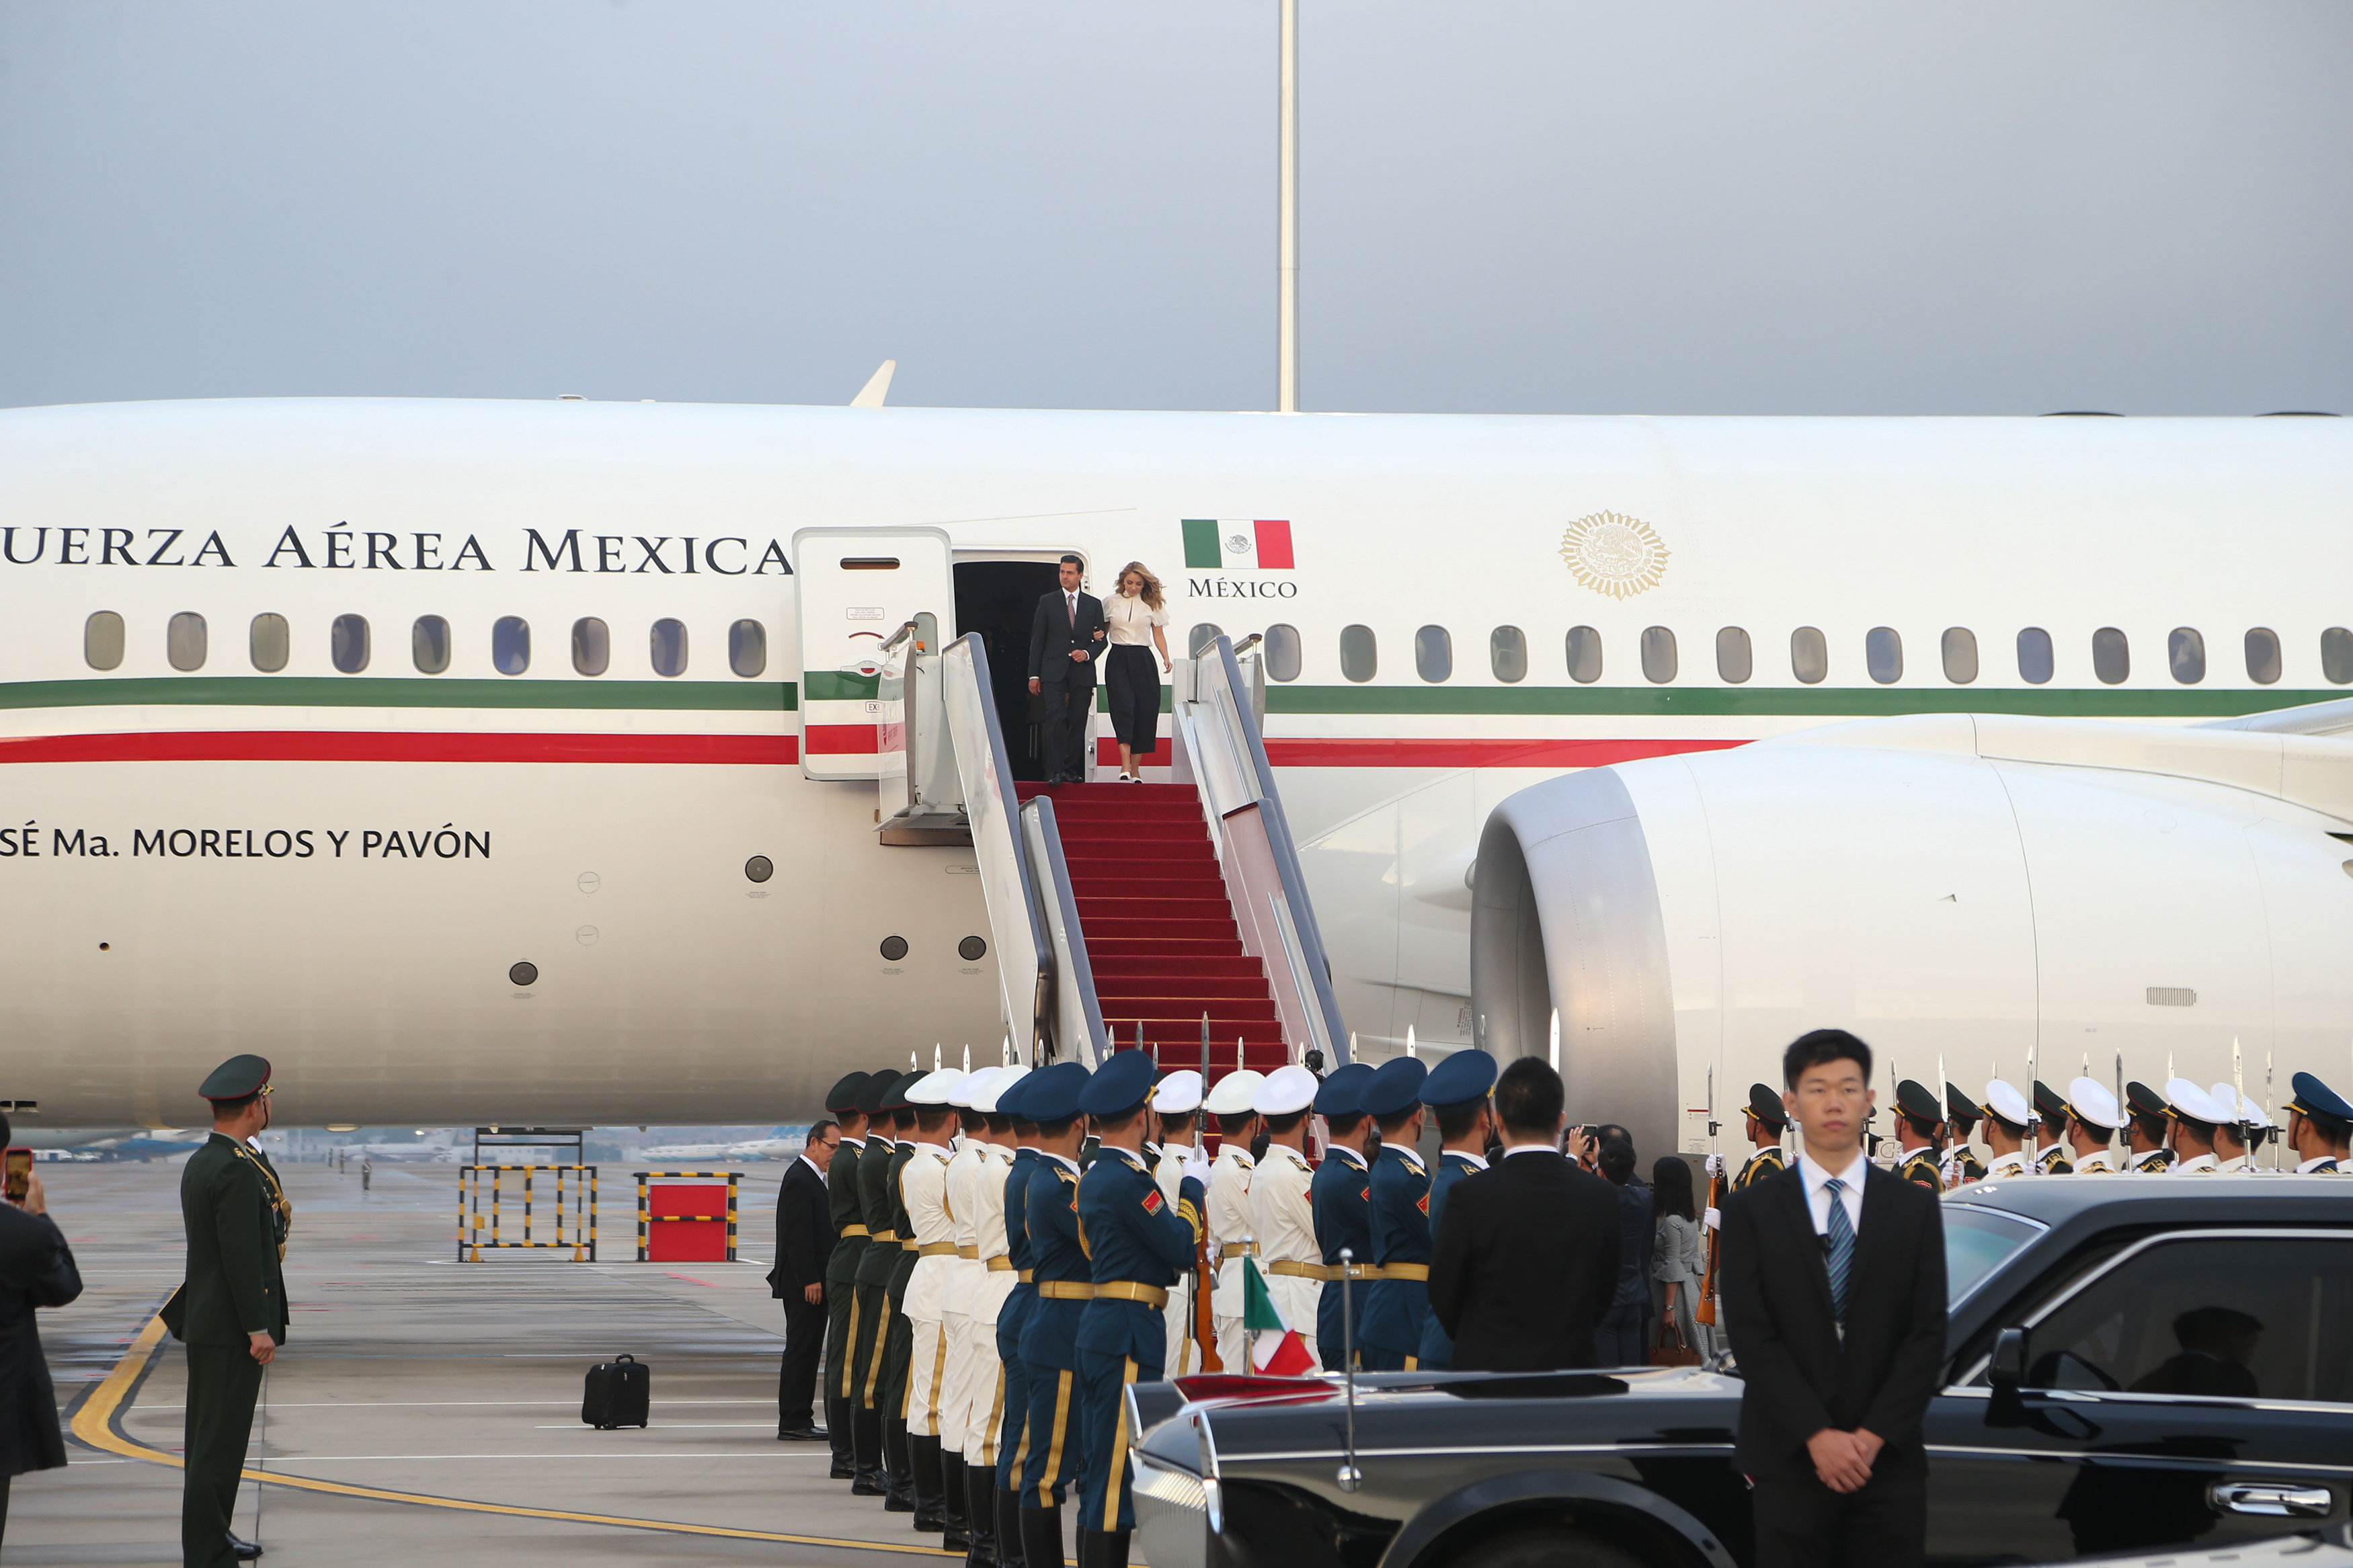 MEX53 XIAMEN (CHINA),03/09/2017.- Fotografía cedida por la Casa Presidencial hoy, domingo 3 de septiembre de 2017, del Presidente de México Enrique Peña Nieto (i) y su esposa Angélica Rivera (d) quienes fueron recibidos por el vicegobernador de la Provincia de Fujian, Li Dejin, a su arribo a la provincia de Fujian, en la República Popular China, donde participará en un Diálogo de Economías Emergentes y Países en Desarrollo, que se celebra a invitación del Presidente de China en el marco de la IX Cumbre de países BRICS. EFE/PRESIDENCIA DE MÉXICO/SOLO USO EDITORIAL